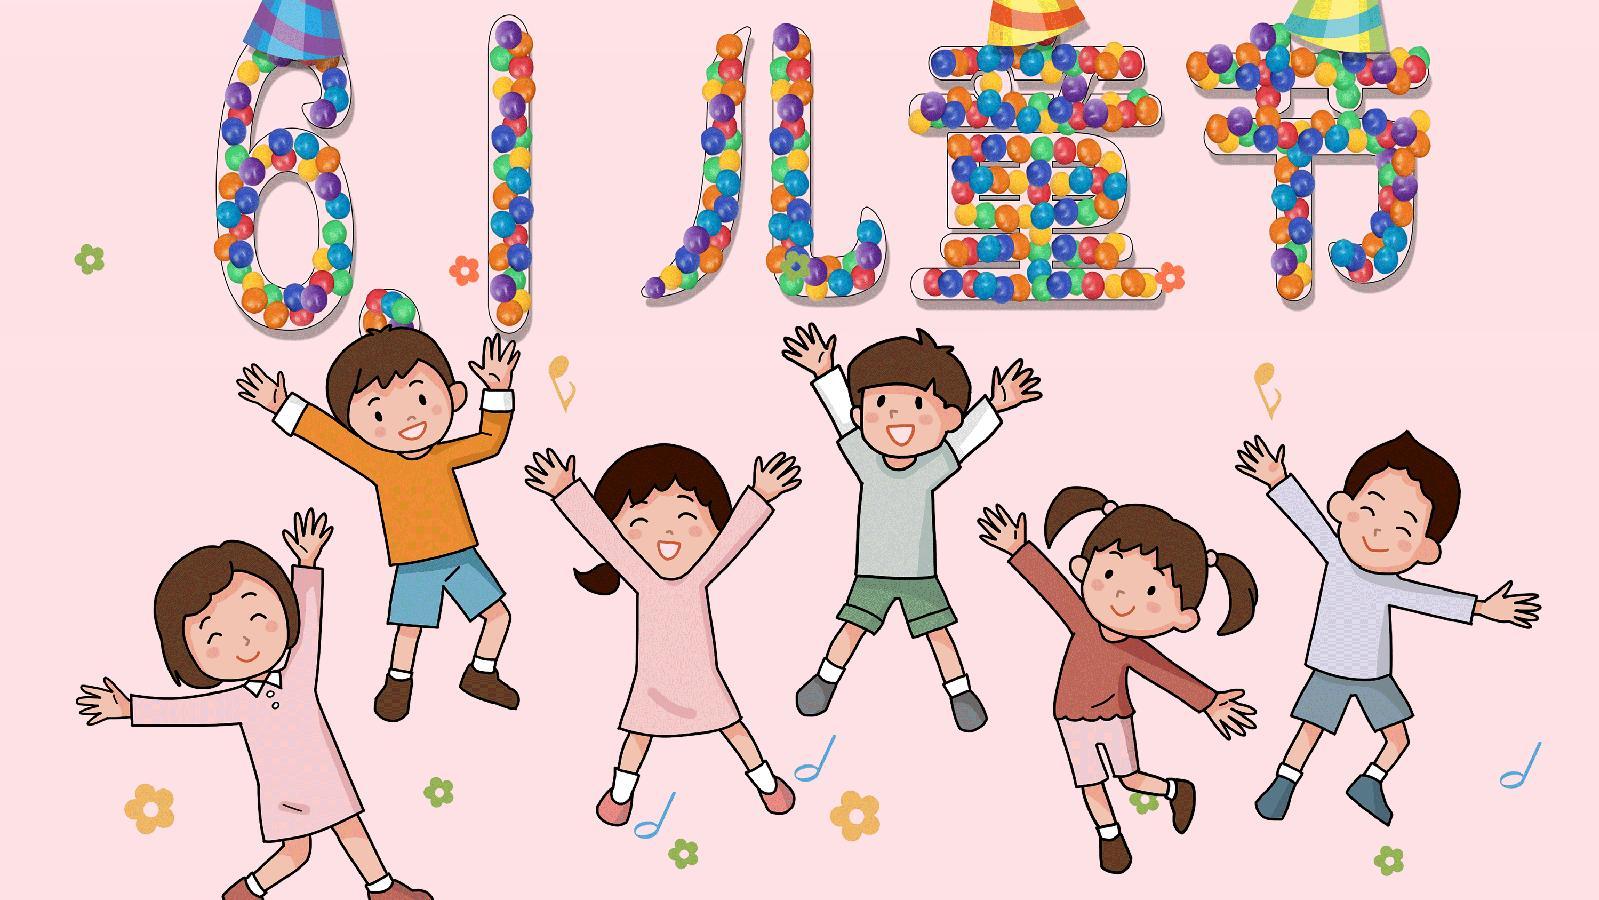 喜迎六一儿童节,这36款儿童节卡通蛋糕,特别适合送女孩子,女童,你喜欢哪款?